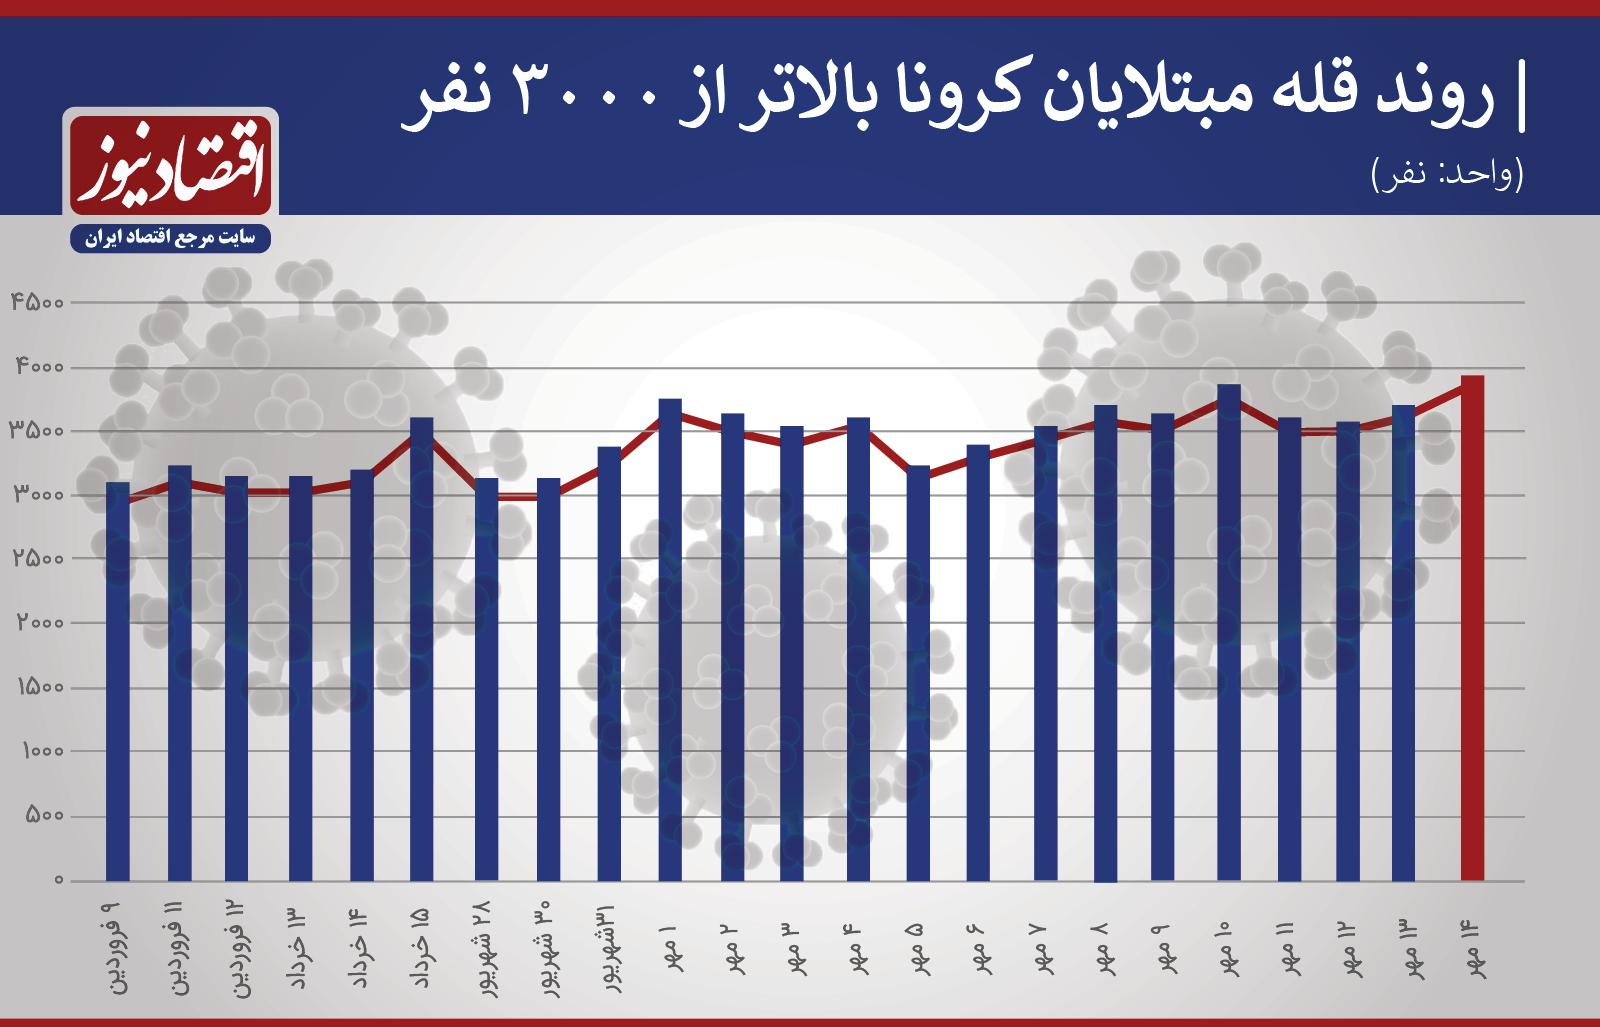 آمار کرونا؛ هر روز بدتر از دیروز /قرمزترین روز کرونایی + نمودار